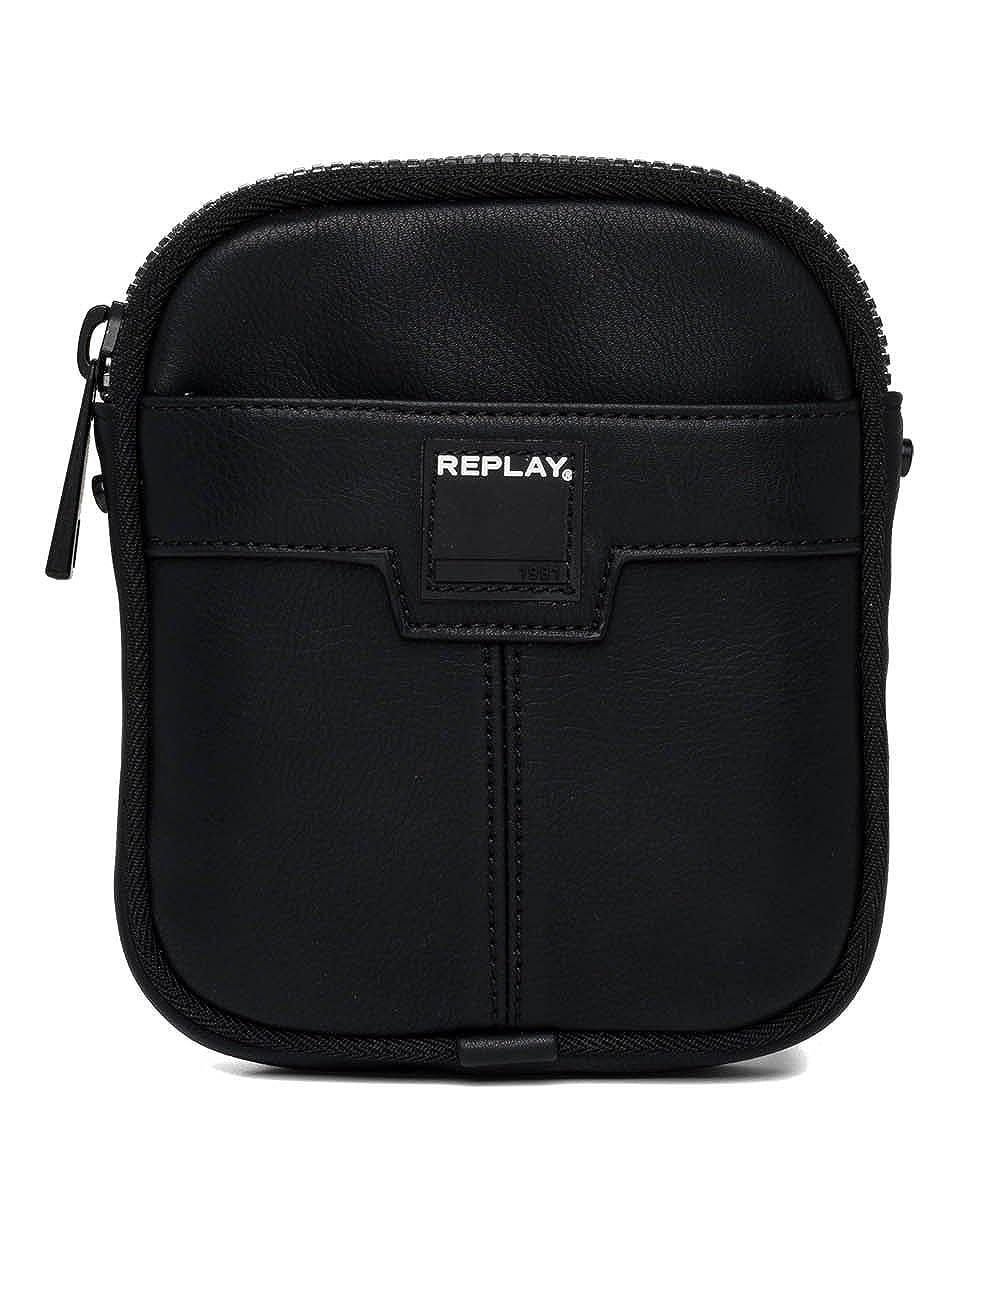 REPLAY Hand Bag Handtasche Umhängetasche Schultertasche Tasche Schwarz Neu